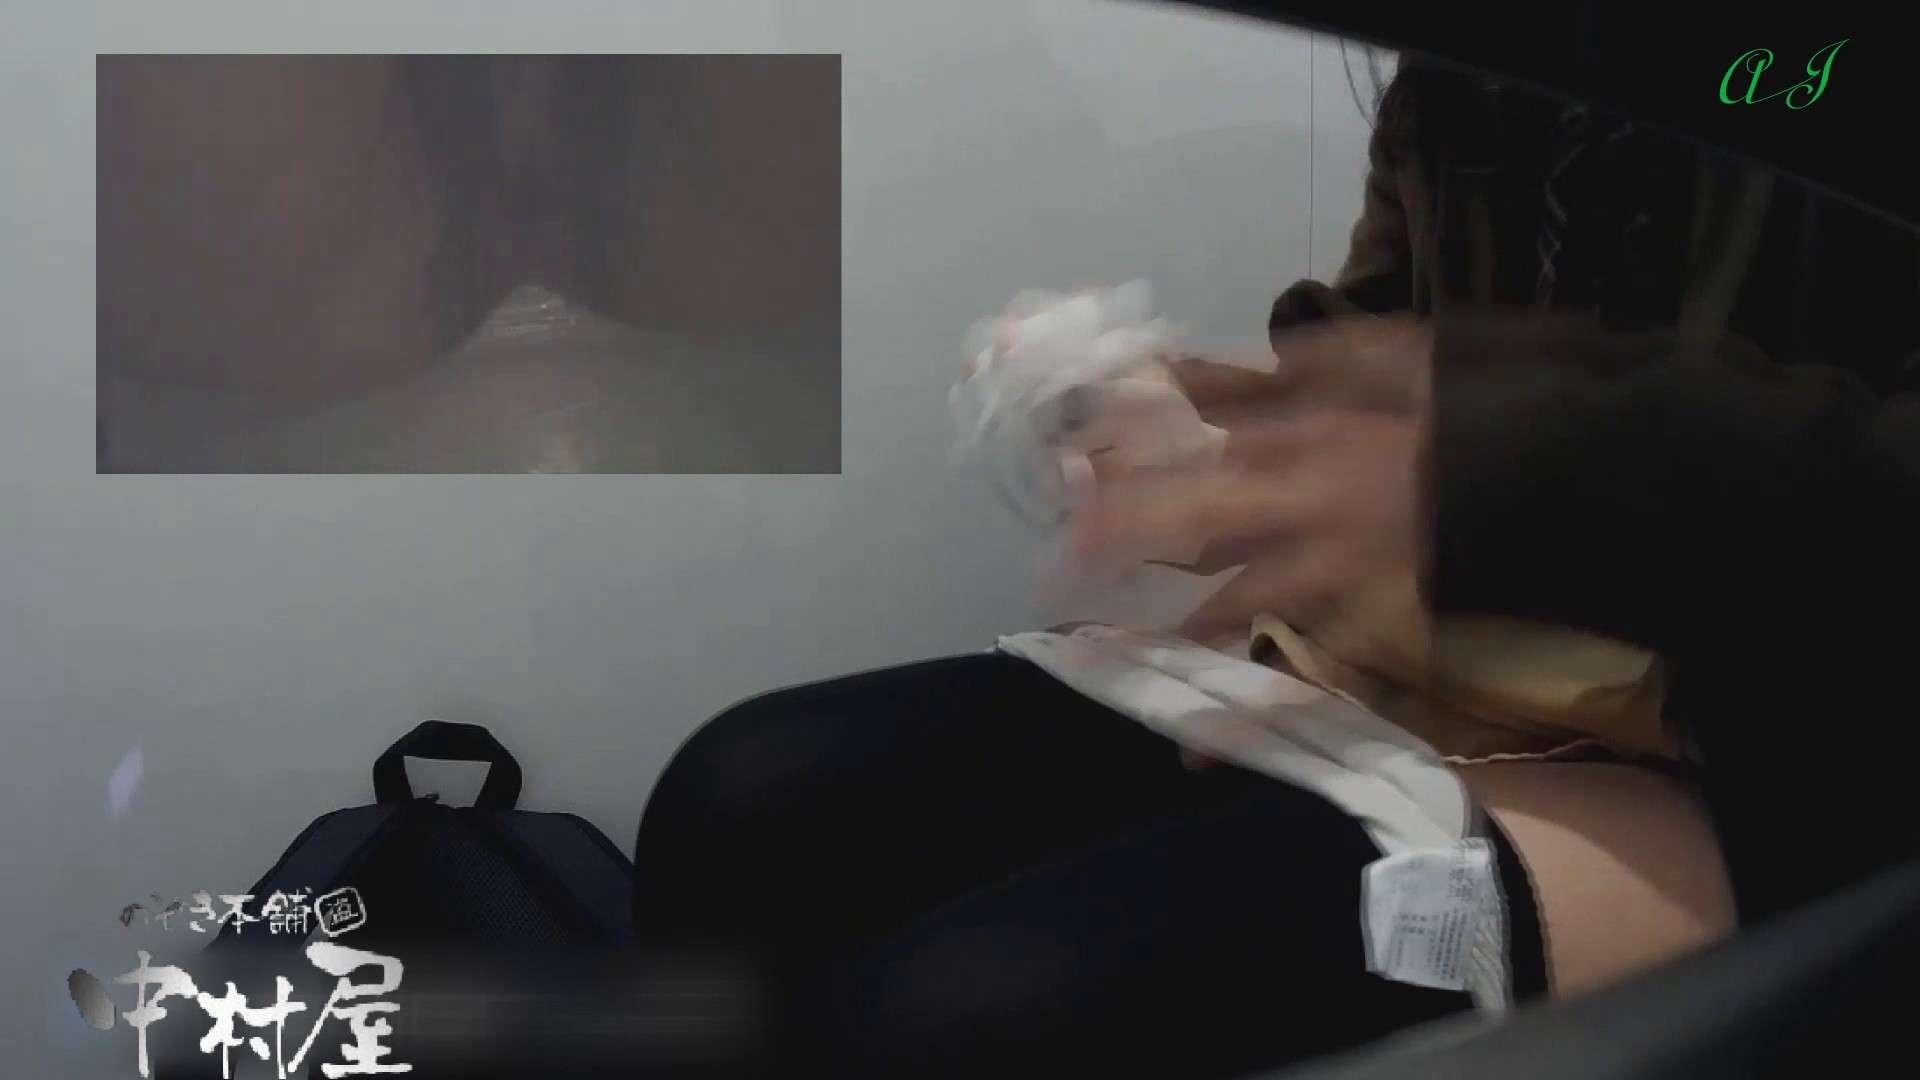 新アングル 4名の美女達 有名大学女性洗面所 vol.76後編 潜入シリーズ   HなOL  62pic 37